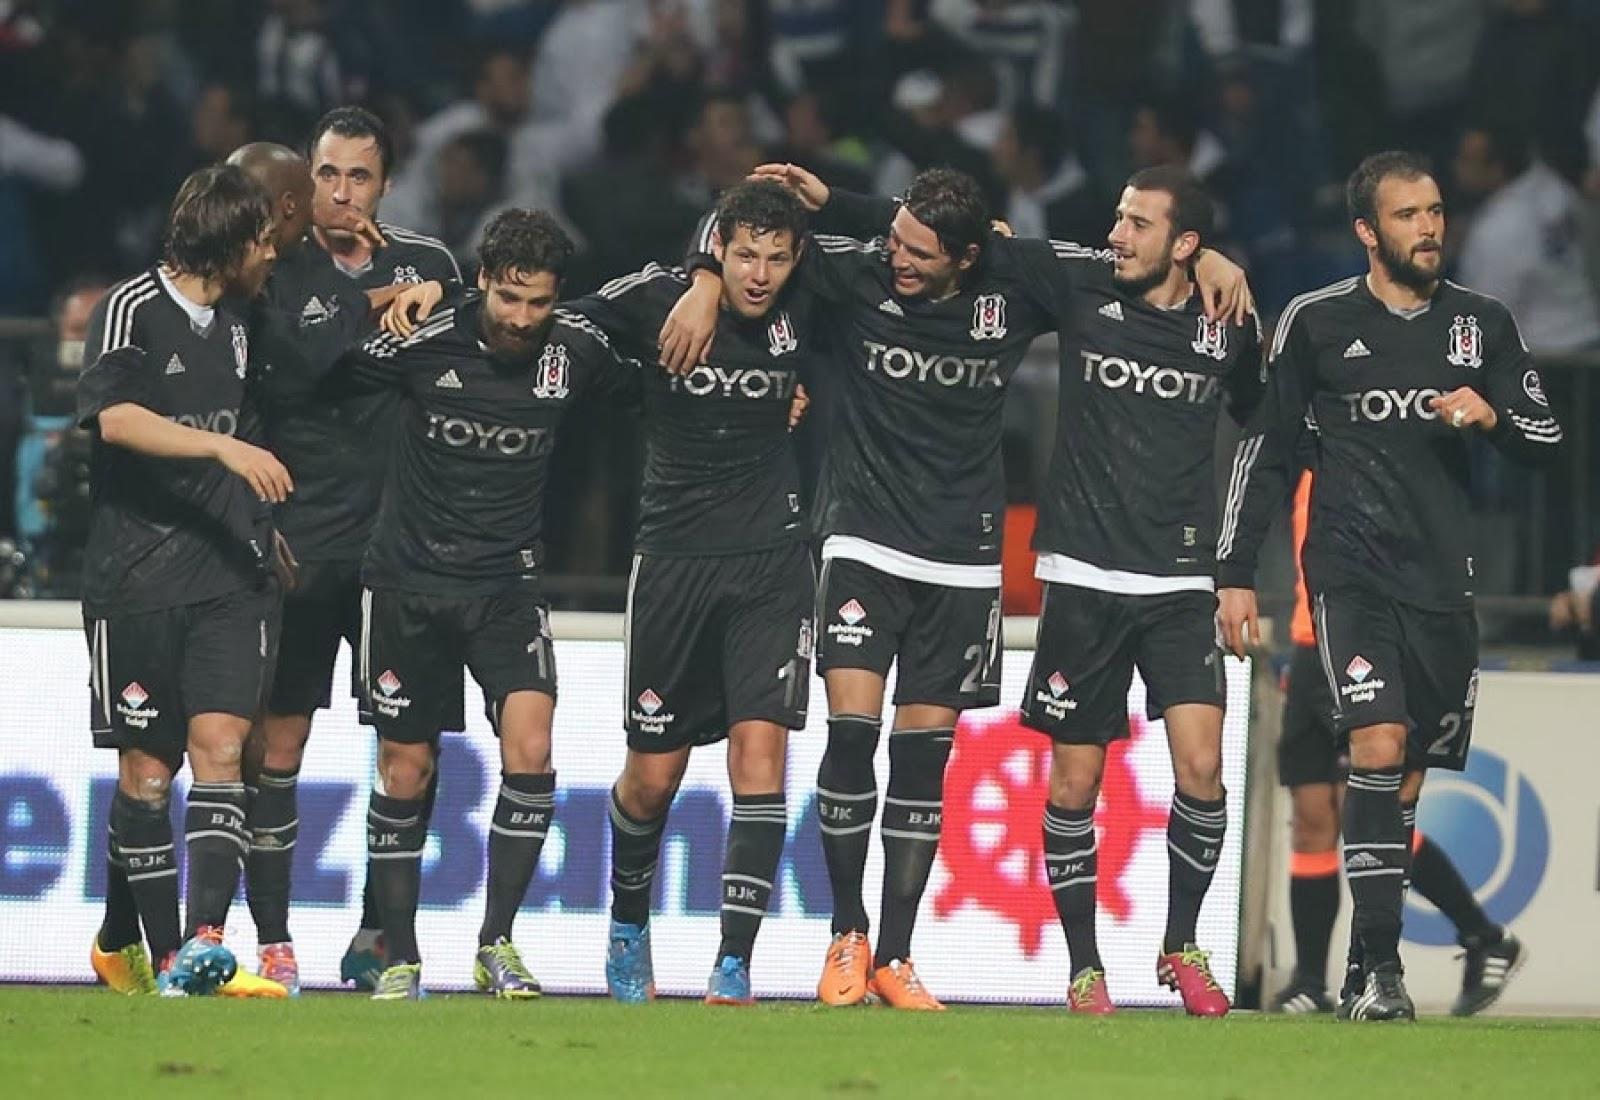 Kural hatası var denen Fenerbahçe-Kasımpaşa maçının hakem raporu ortaya çıktı 97